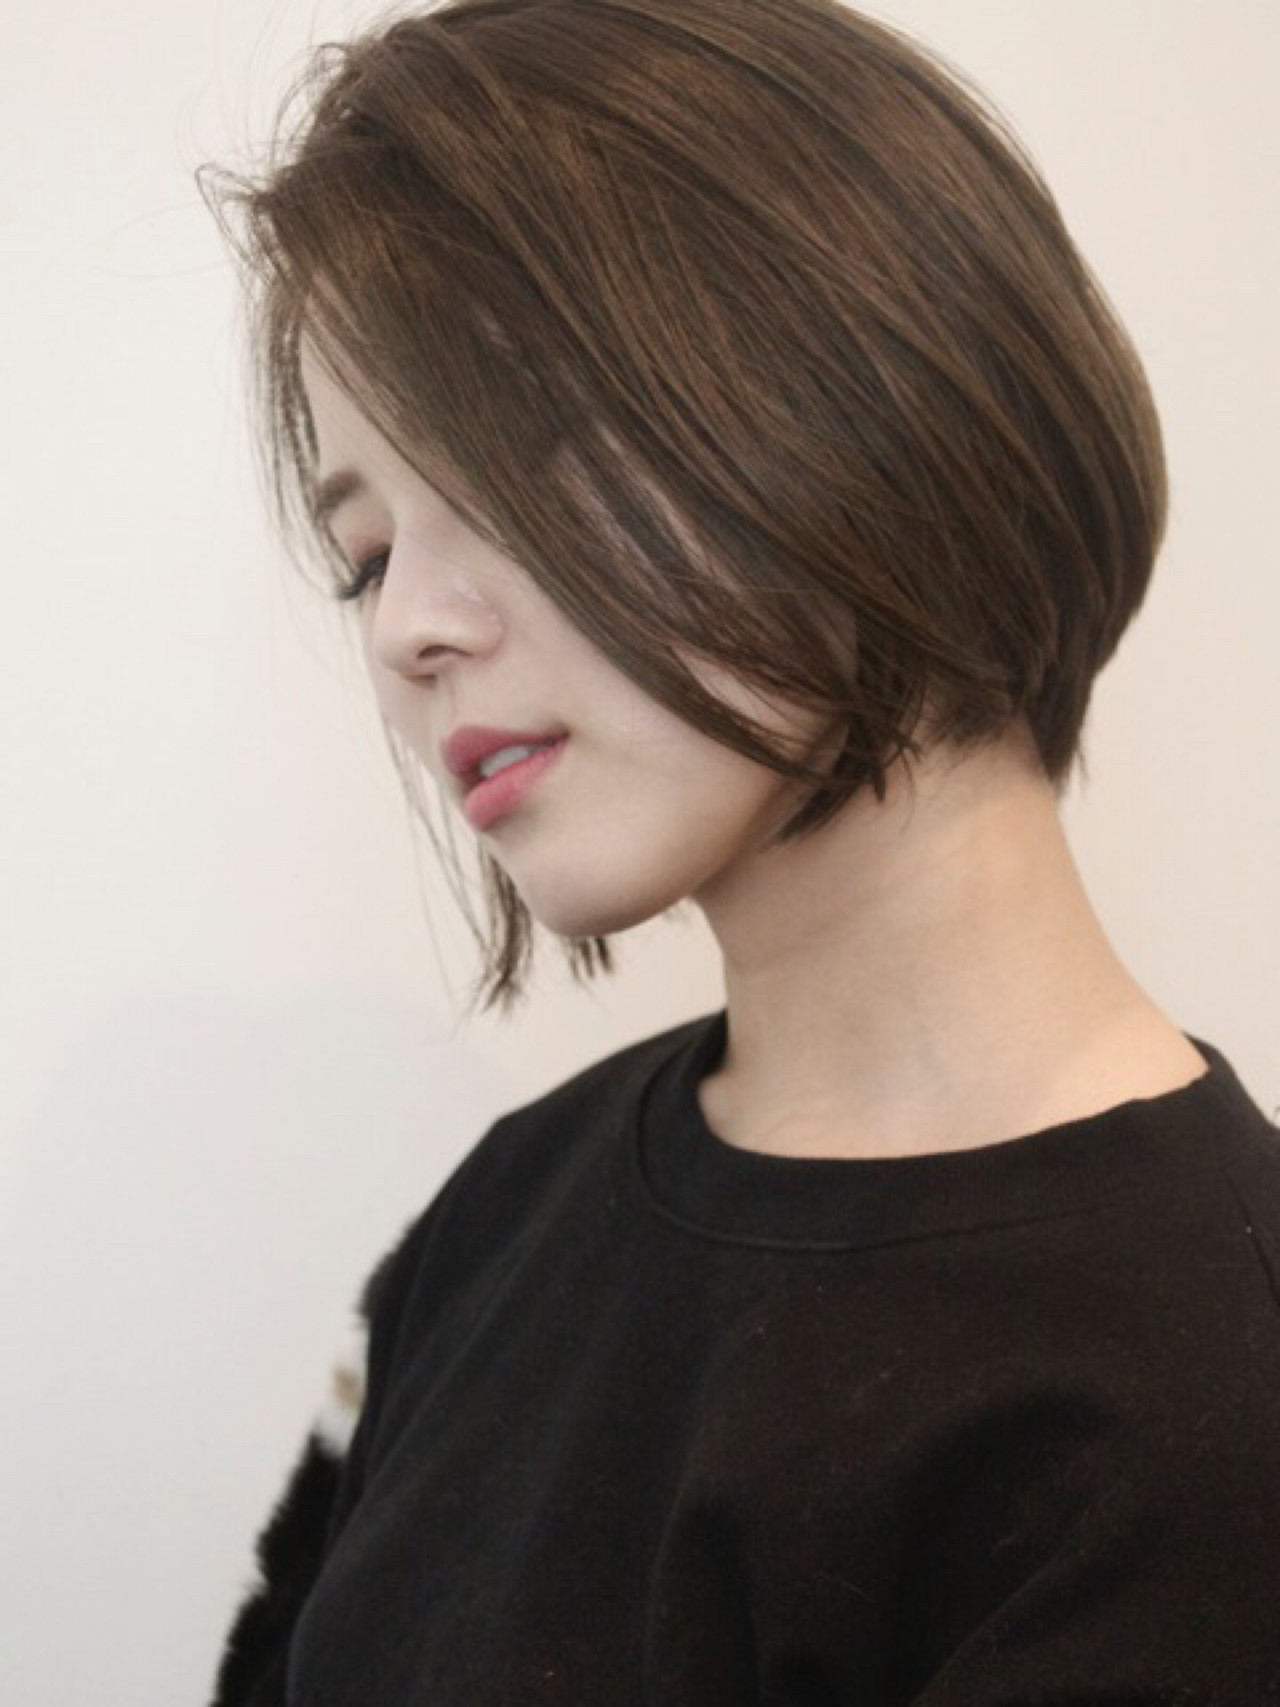 色気 小顔 ニュアンス こなれ感 ヘアスタイルや髪型の写真・画像